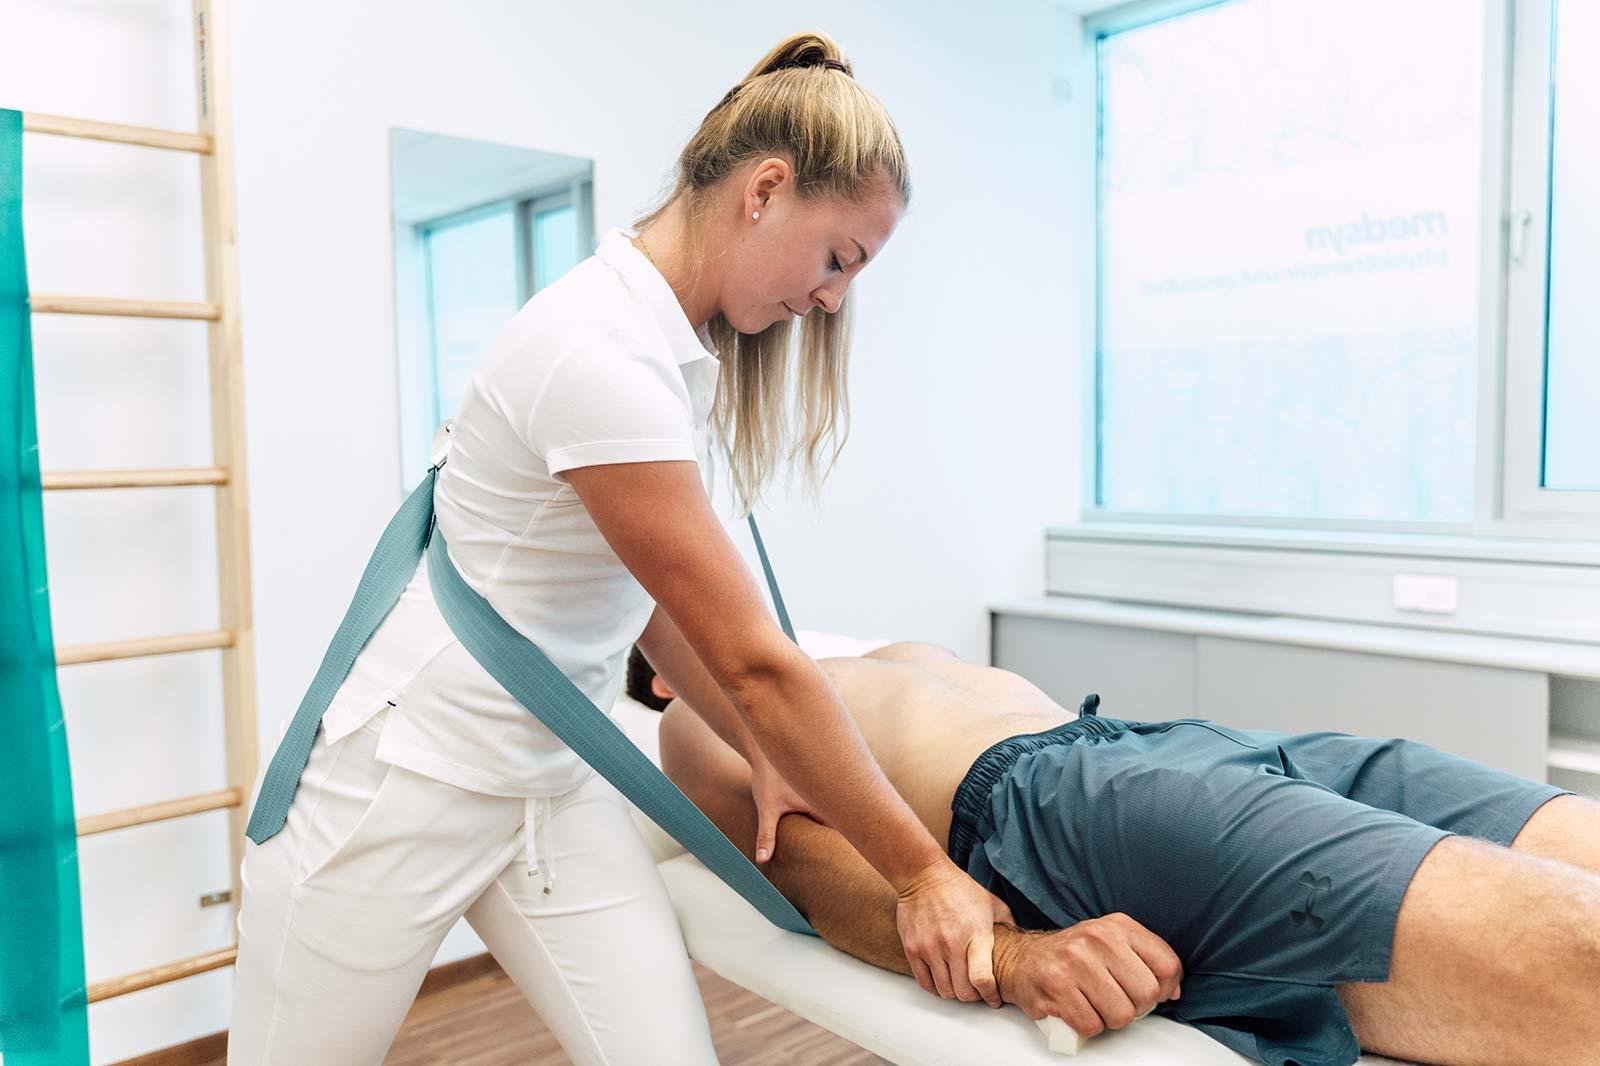 Funktionelles Training (Physiotherapie) mit Livia Tasch, BSc. im medsyn Wien